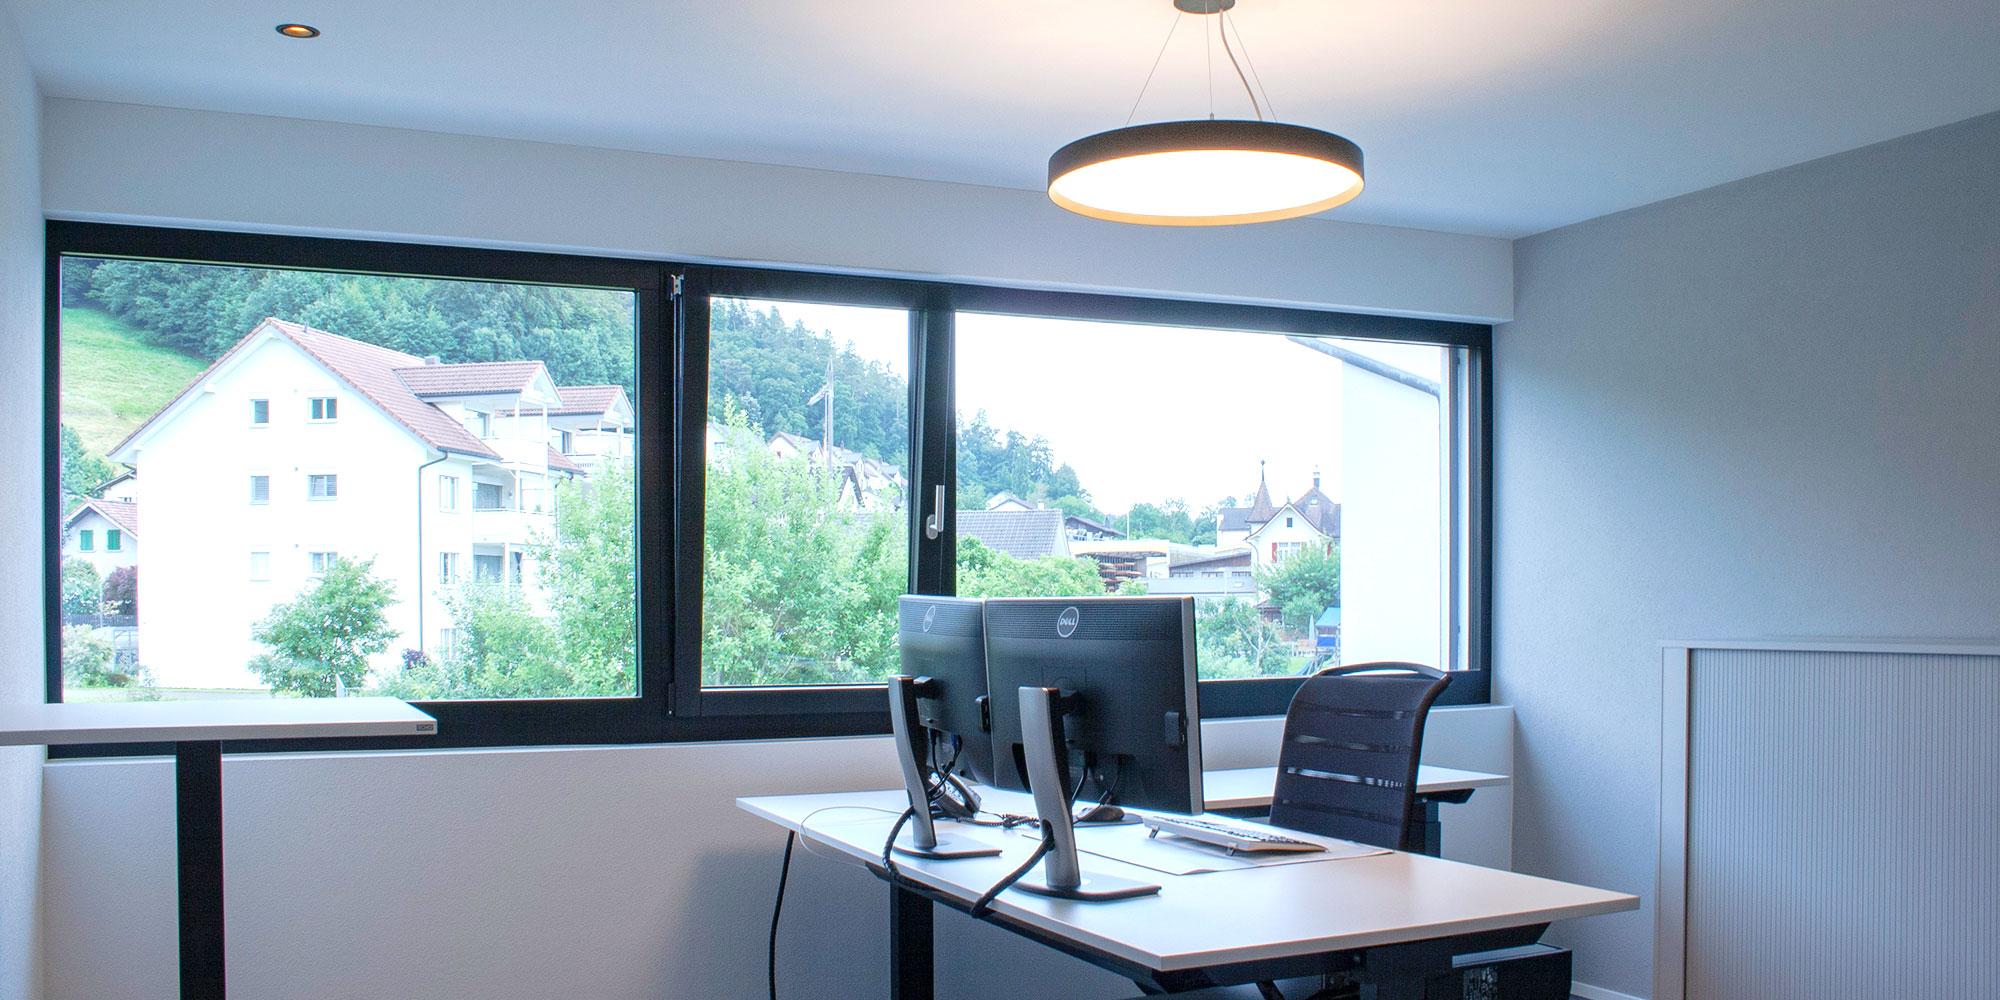 Das Büro der Wiederkehr elektro AG hat Einbauspots als Grundbeleuchtung. Diese wurde mit der Lightnet Basic Deco Runde Pendelleuchte ergänzt.